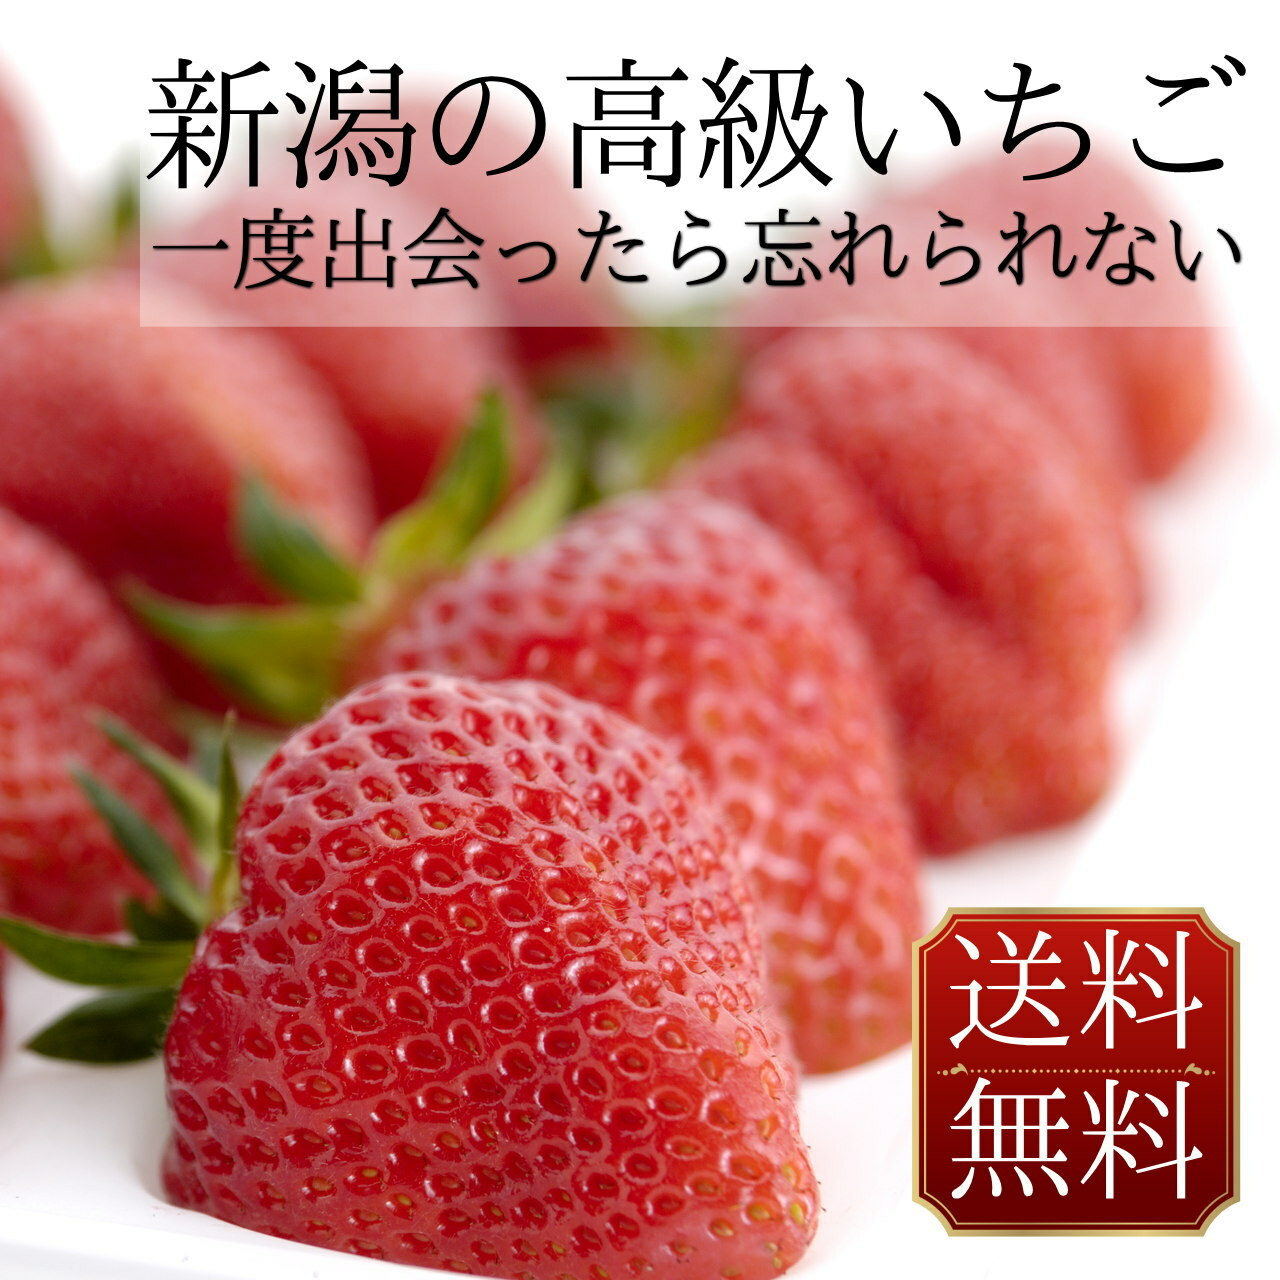 いちご 越後姫 通販 送料無料 新潟のブランドイチゴ 800g 30粒入